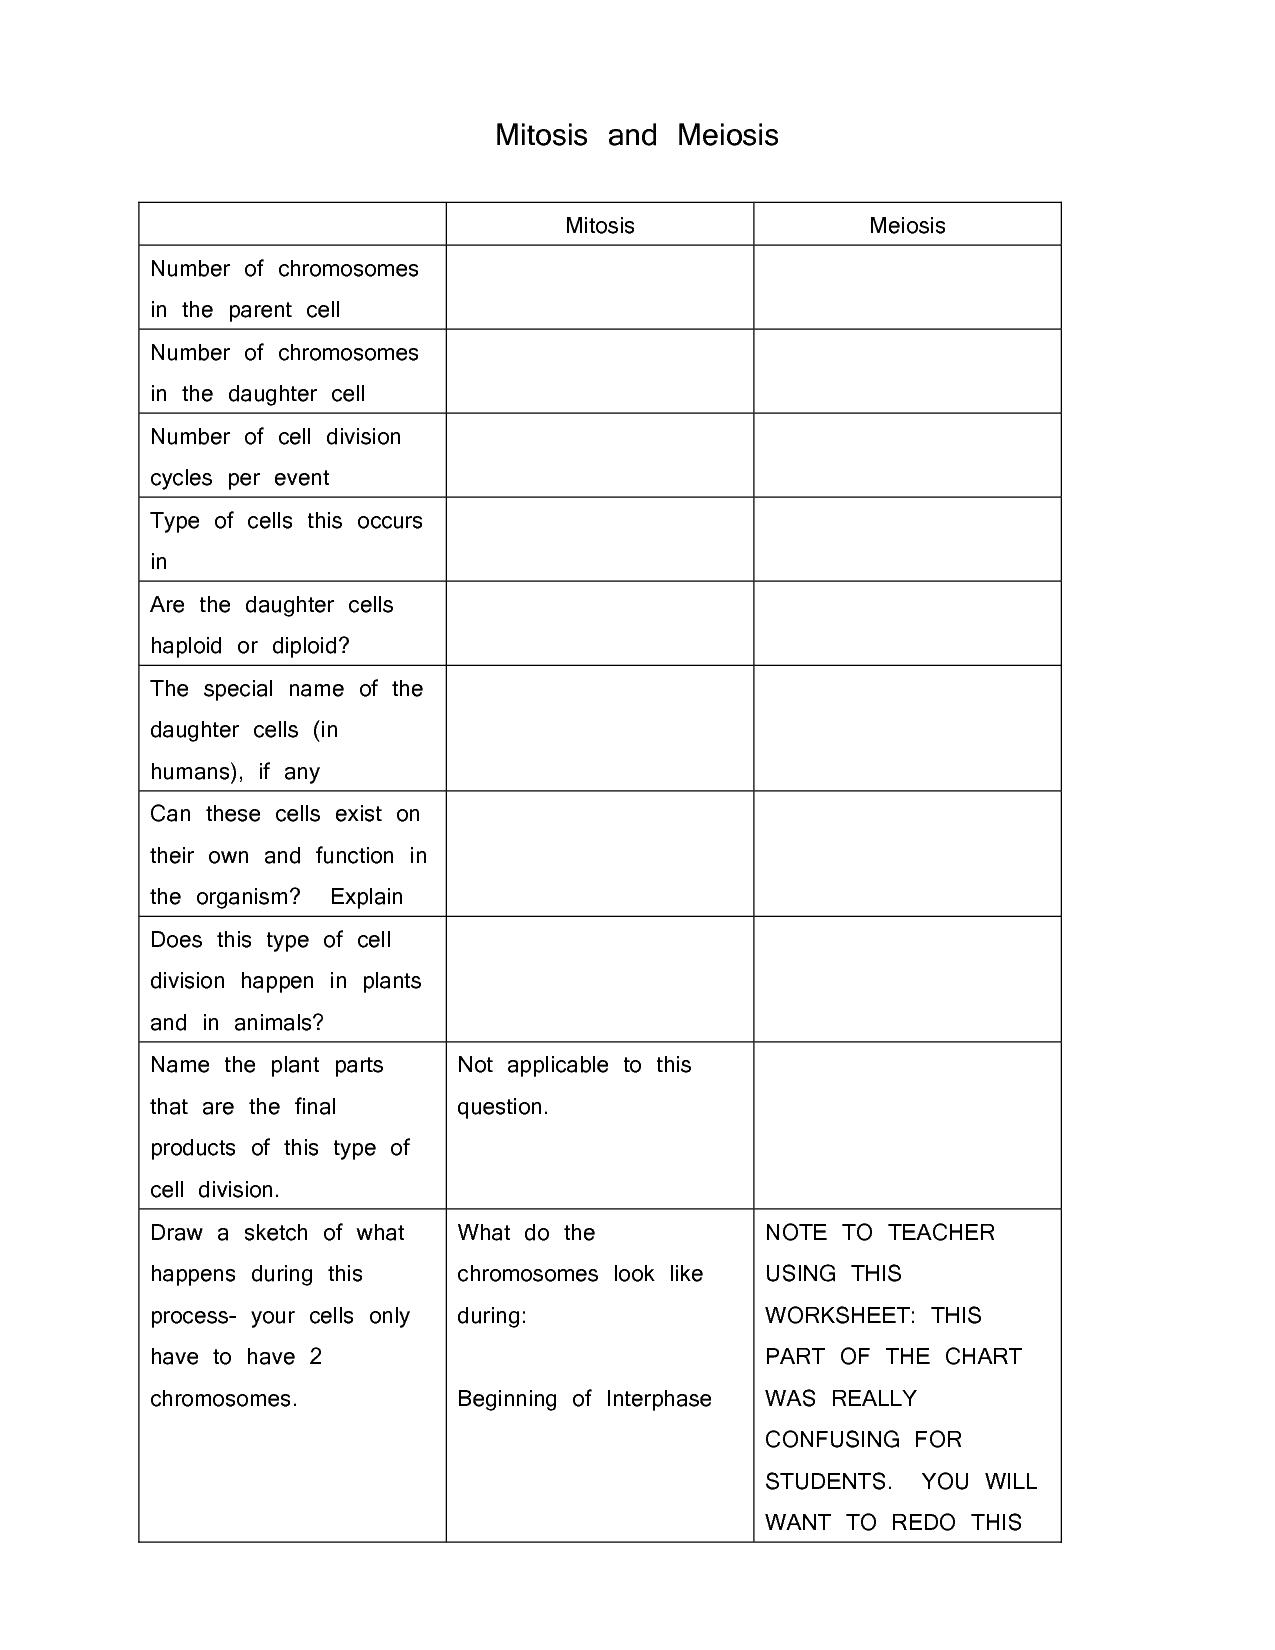 worksheet comparing mitosis and meiosis worksheet key